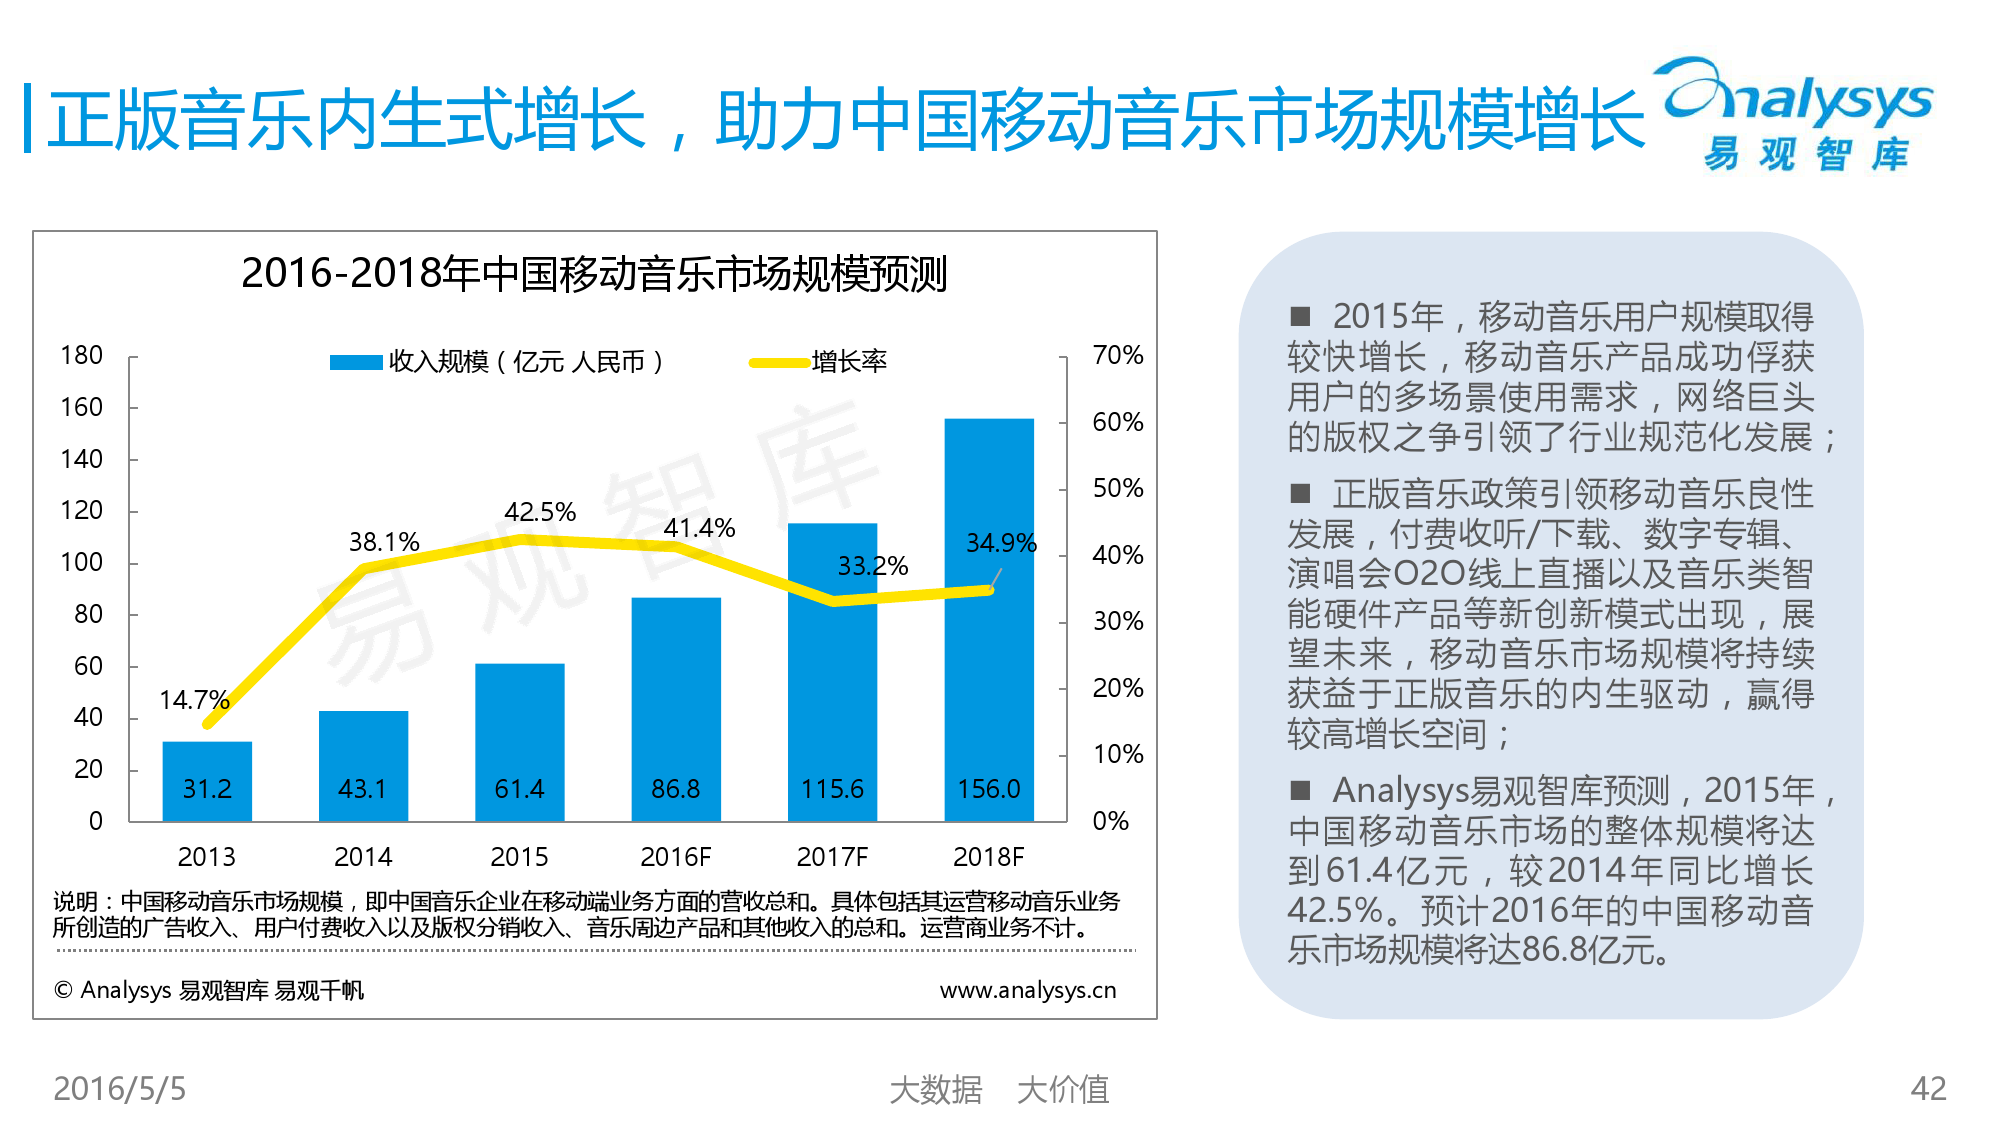 2016中国移动音乐市场年度综合报告_000042